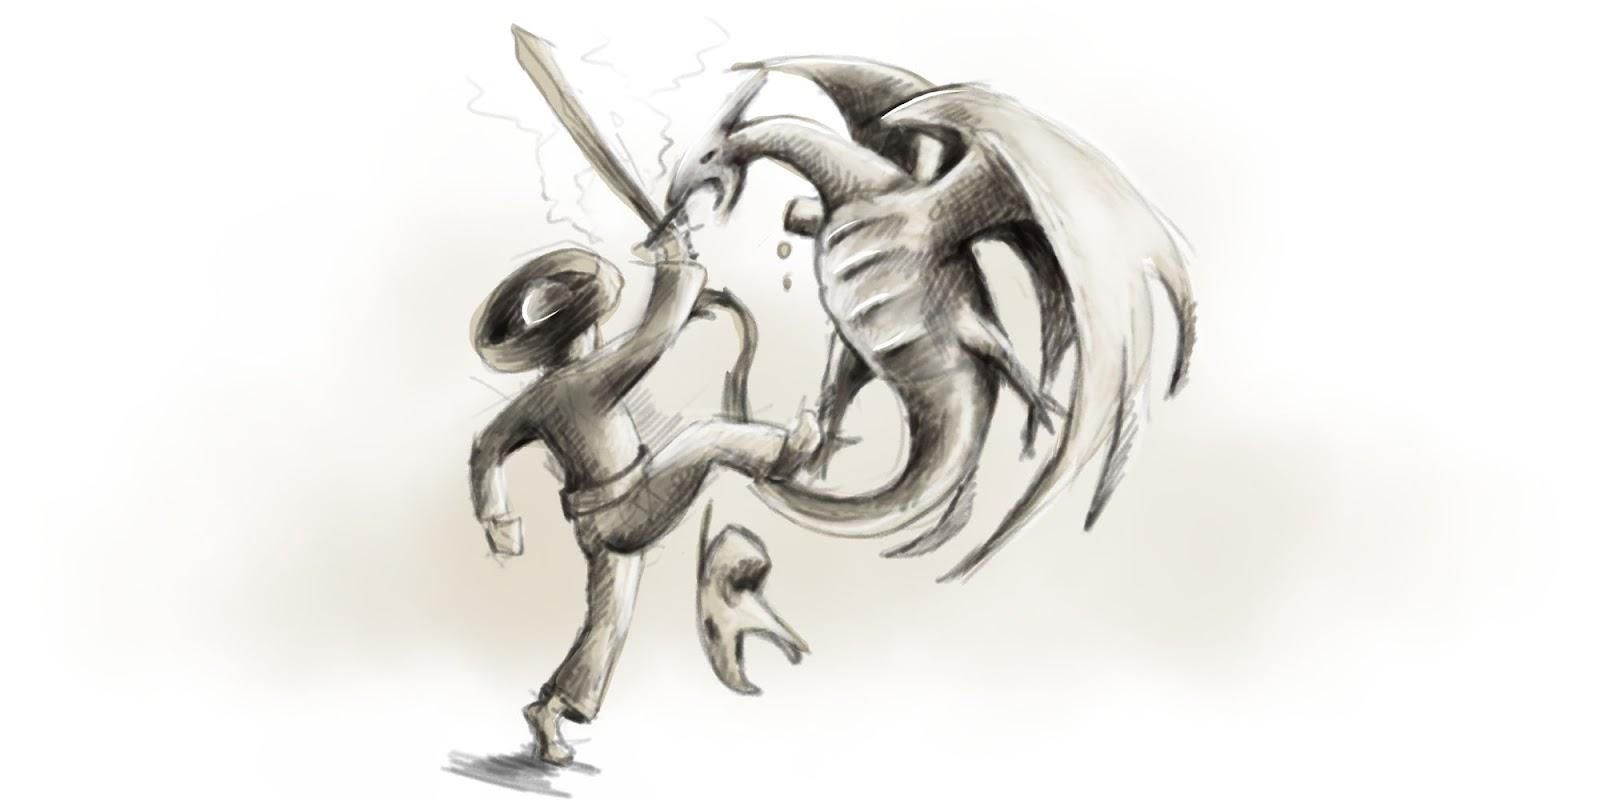 Hrdina bojuje s drakom.